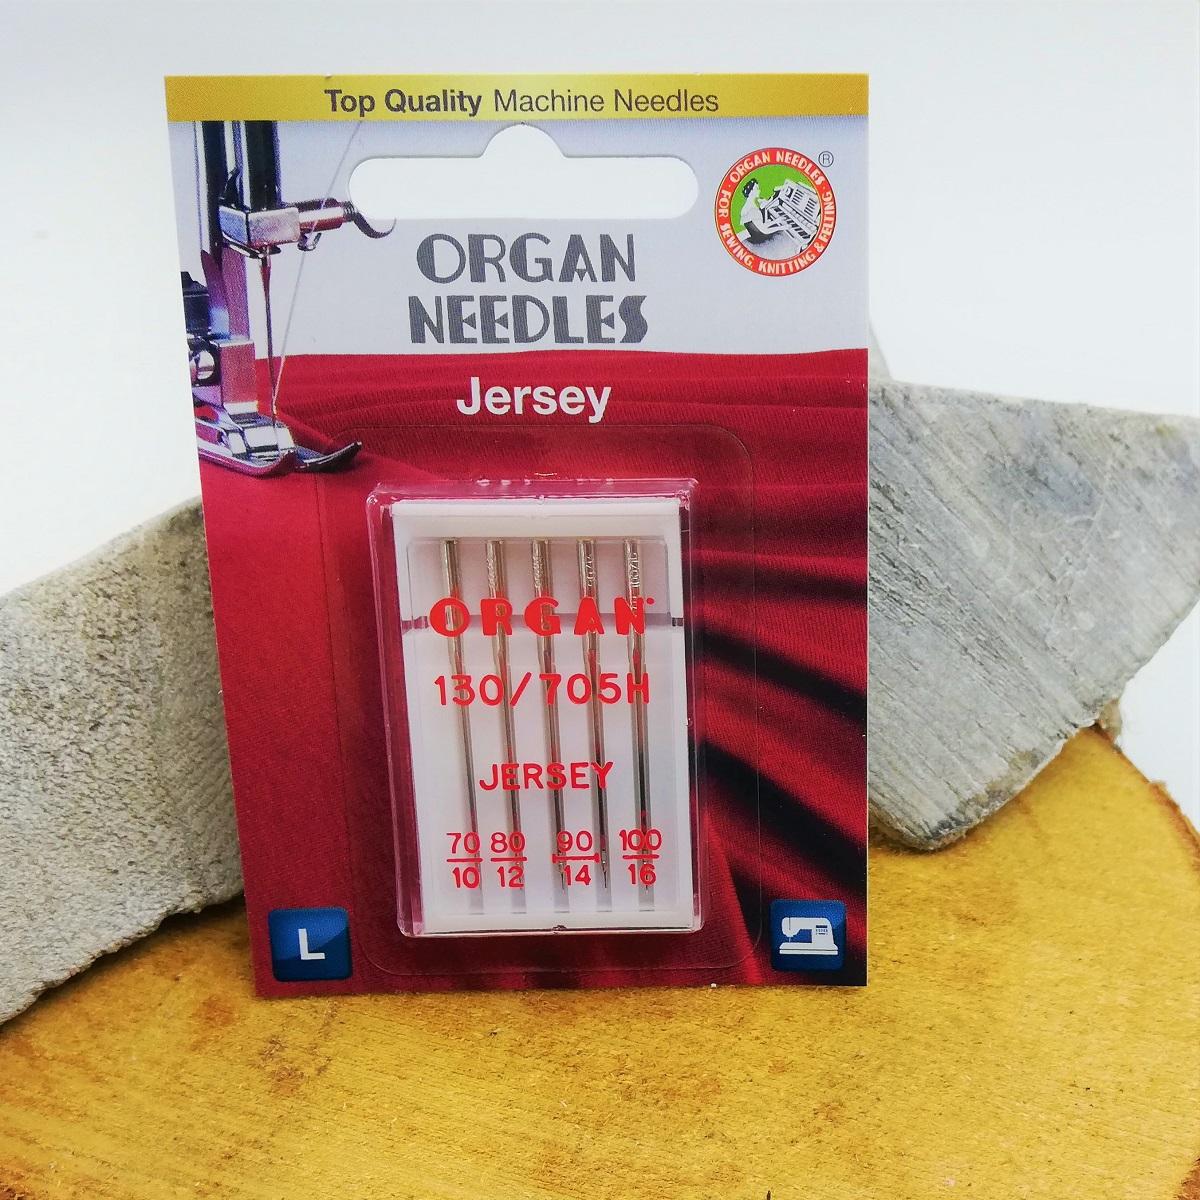 Organ Needles Organ 130/705 H Jersey a5 st. 070/100 Blister